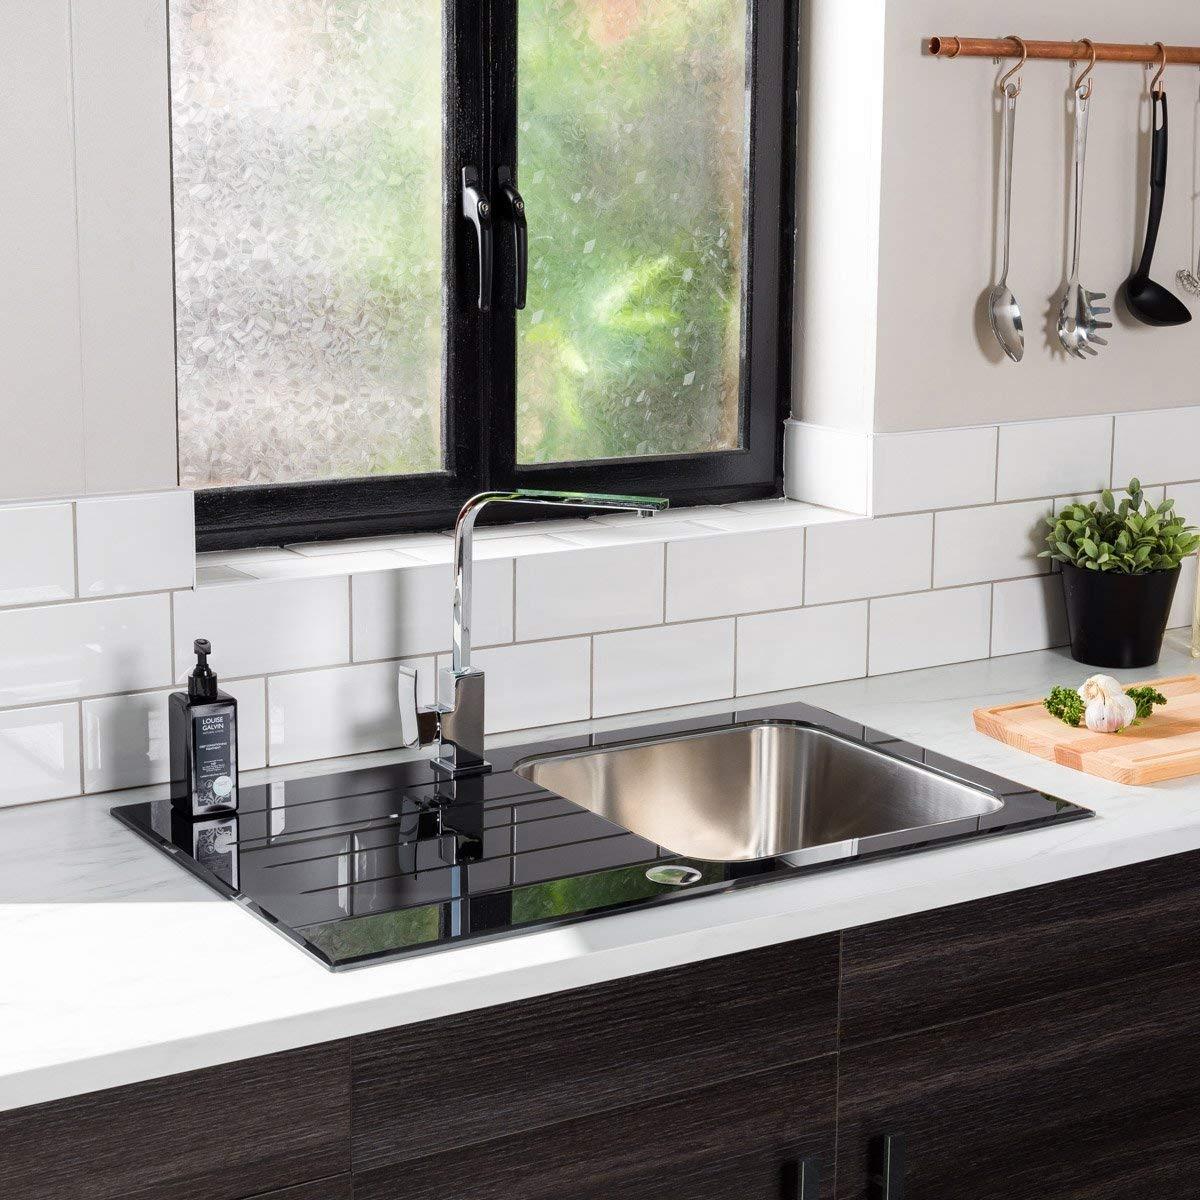 Franke 114 0320 361 Granite Kitchen Sink With Single Bowl Cream Kitchen Bath Fixtures Kitchen Sinks